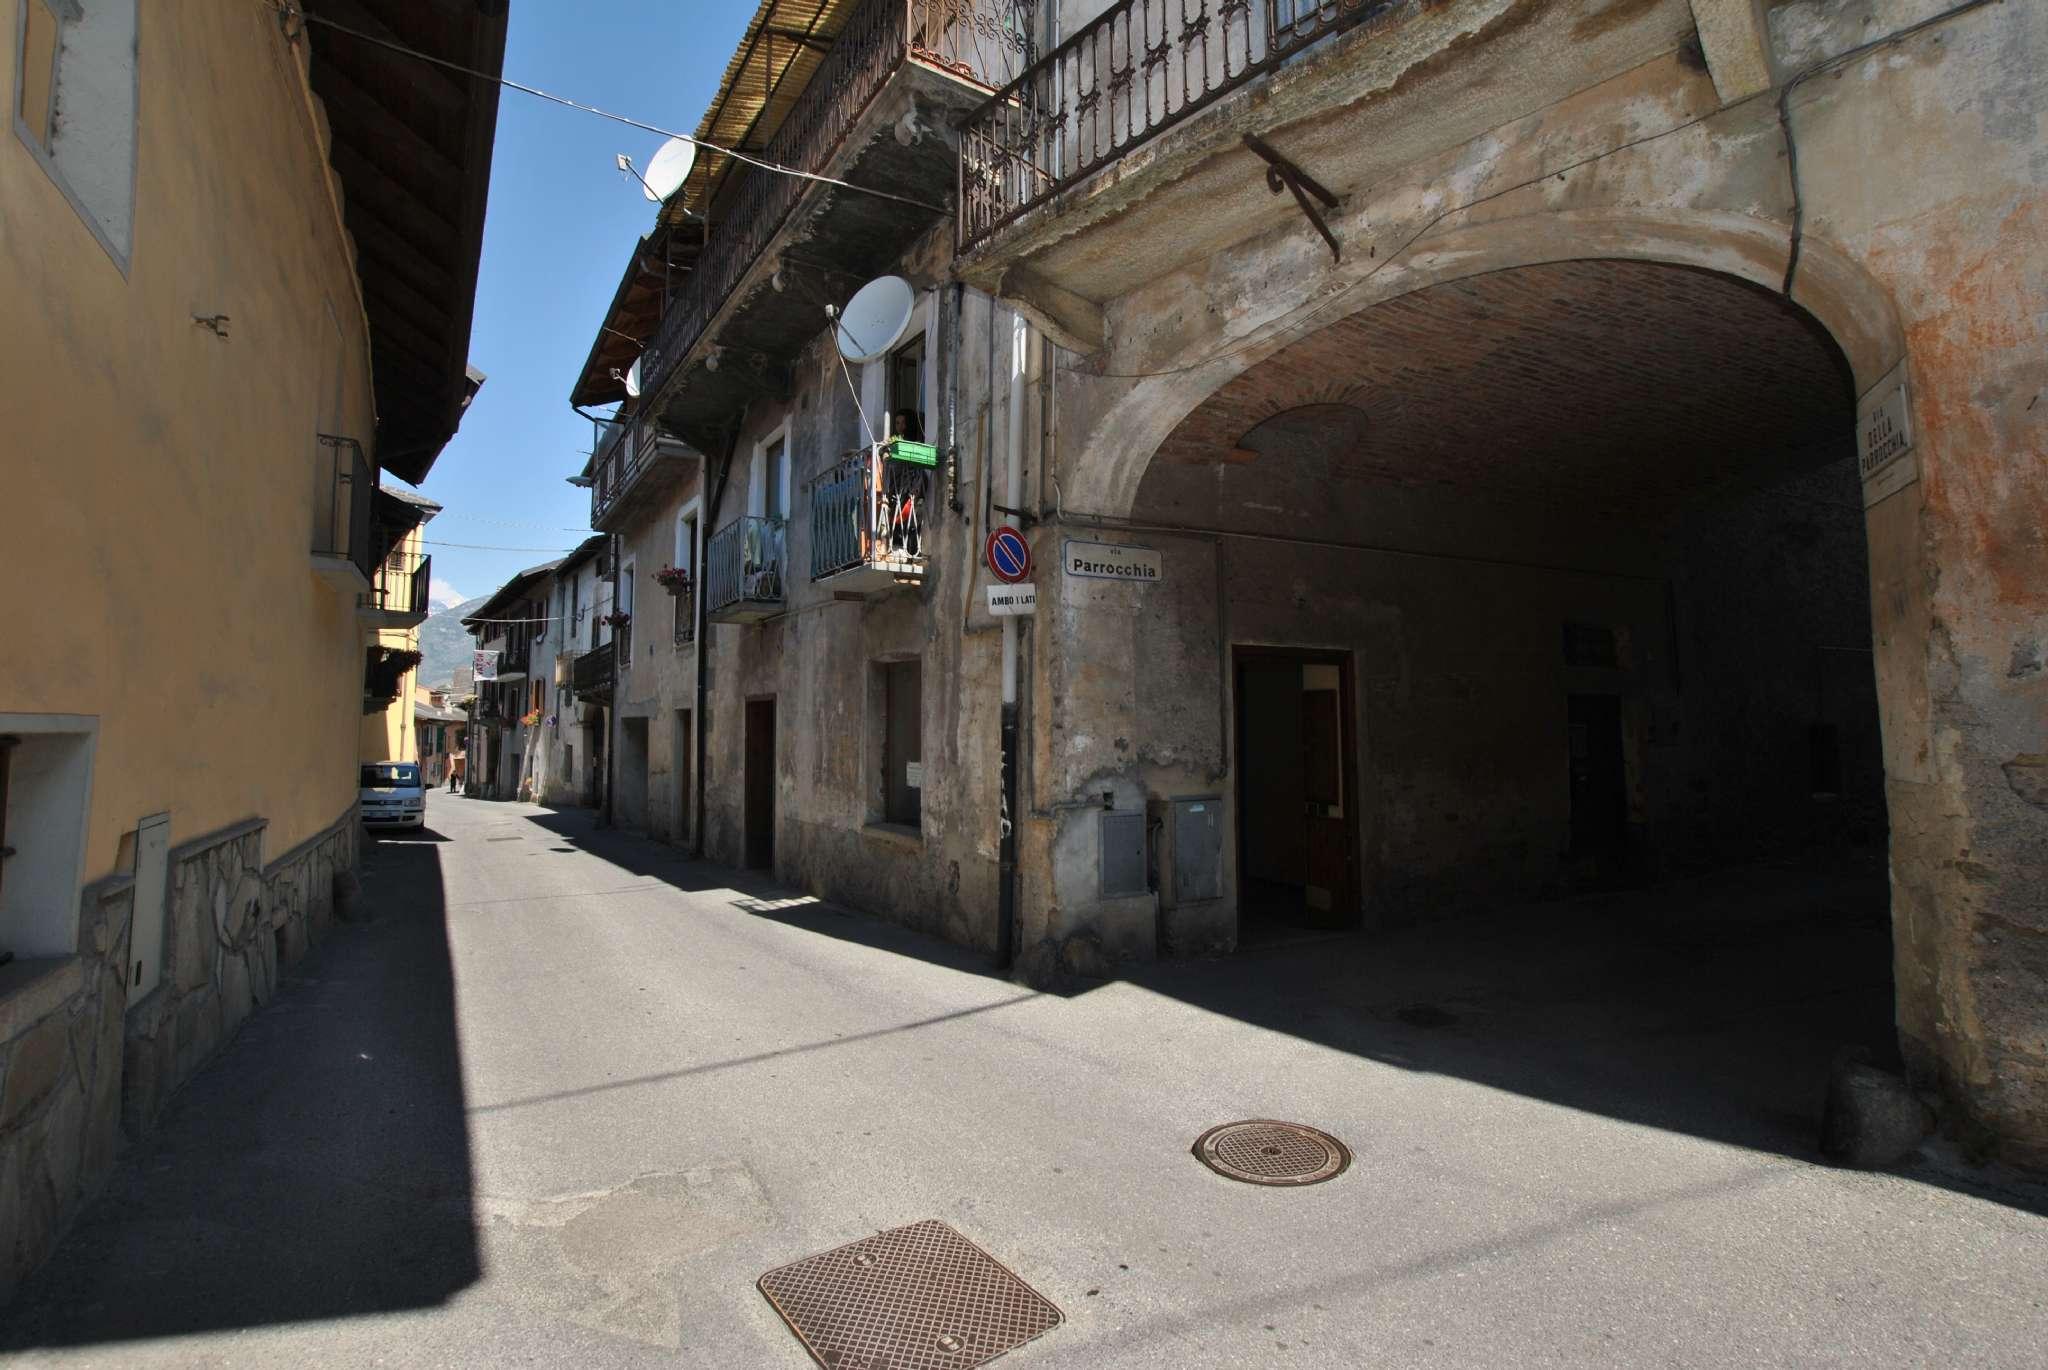 Negozio / Locale in vendita a San Giorio di Susa, 3 locali, prezzo € 22.500 | PortaleAgenzieImmobiliari.it